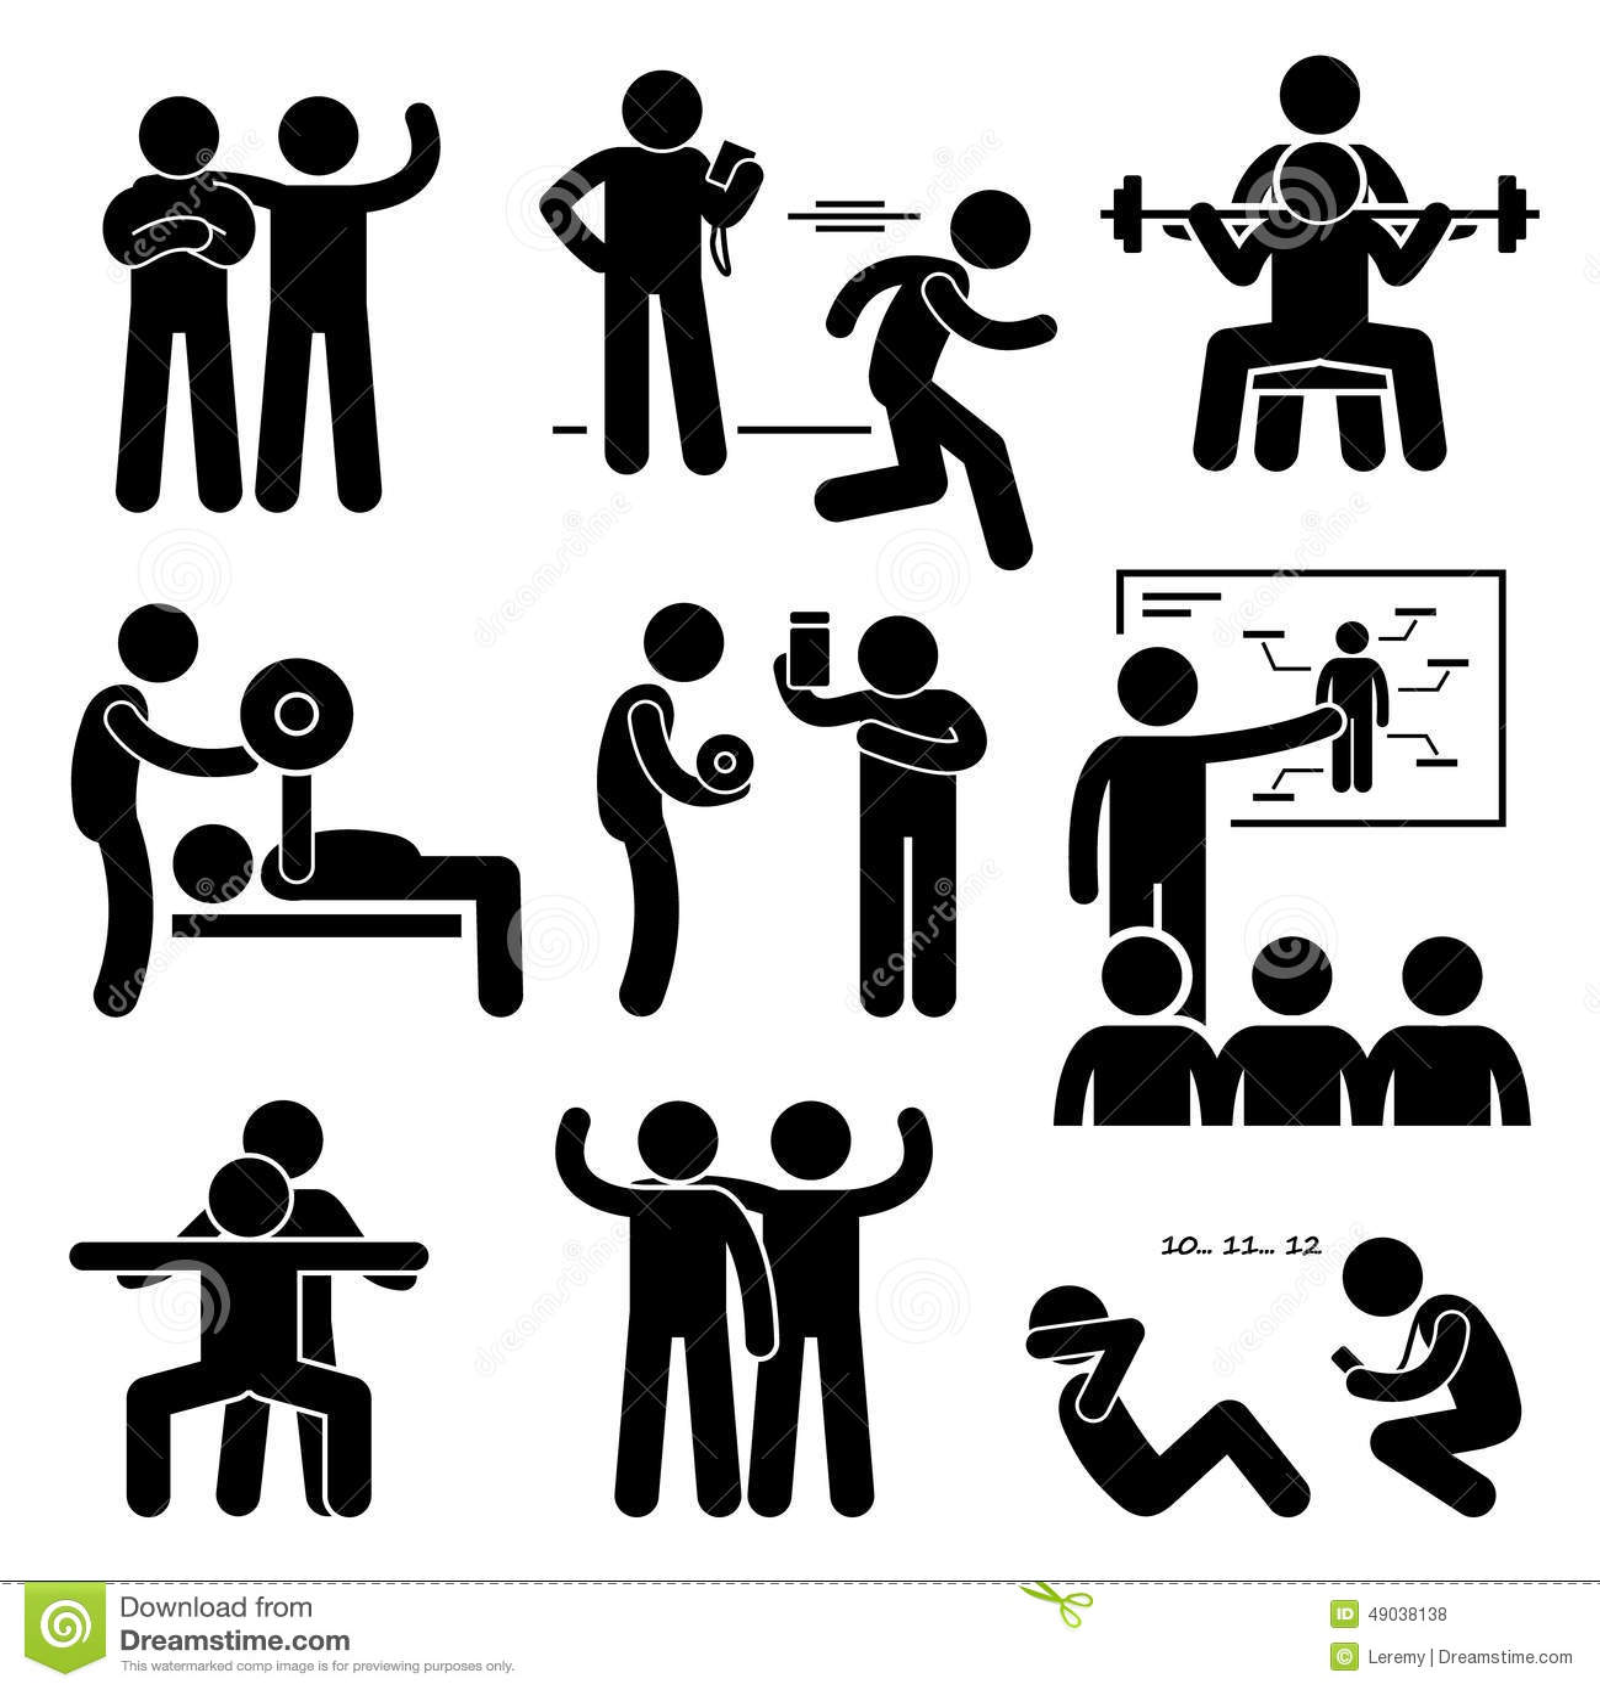 Persönliche Turnhallen-Zug-Trainer-Instructor Exercise Workout-Ikonen